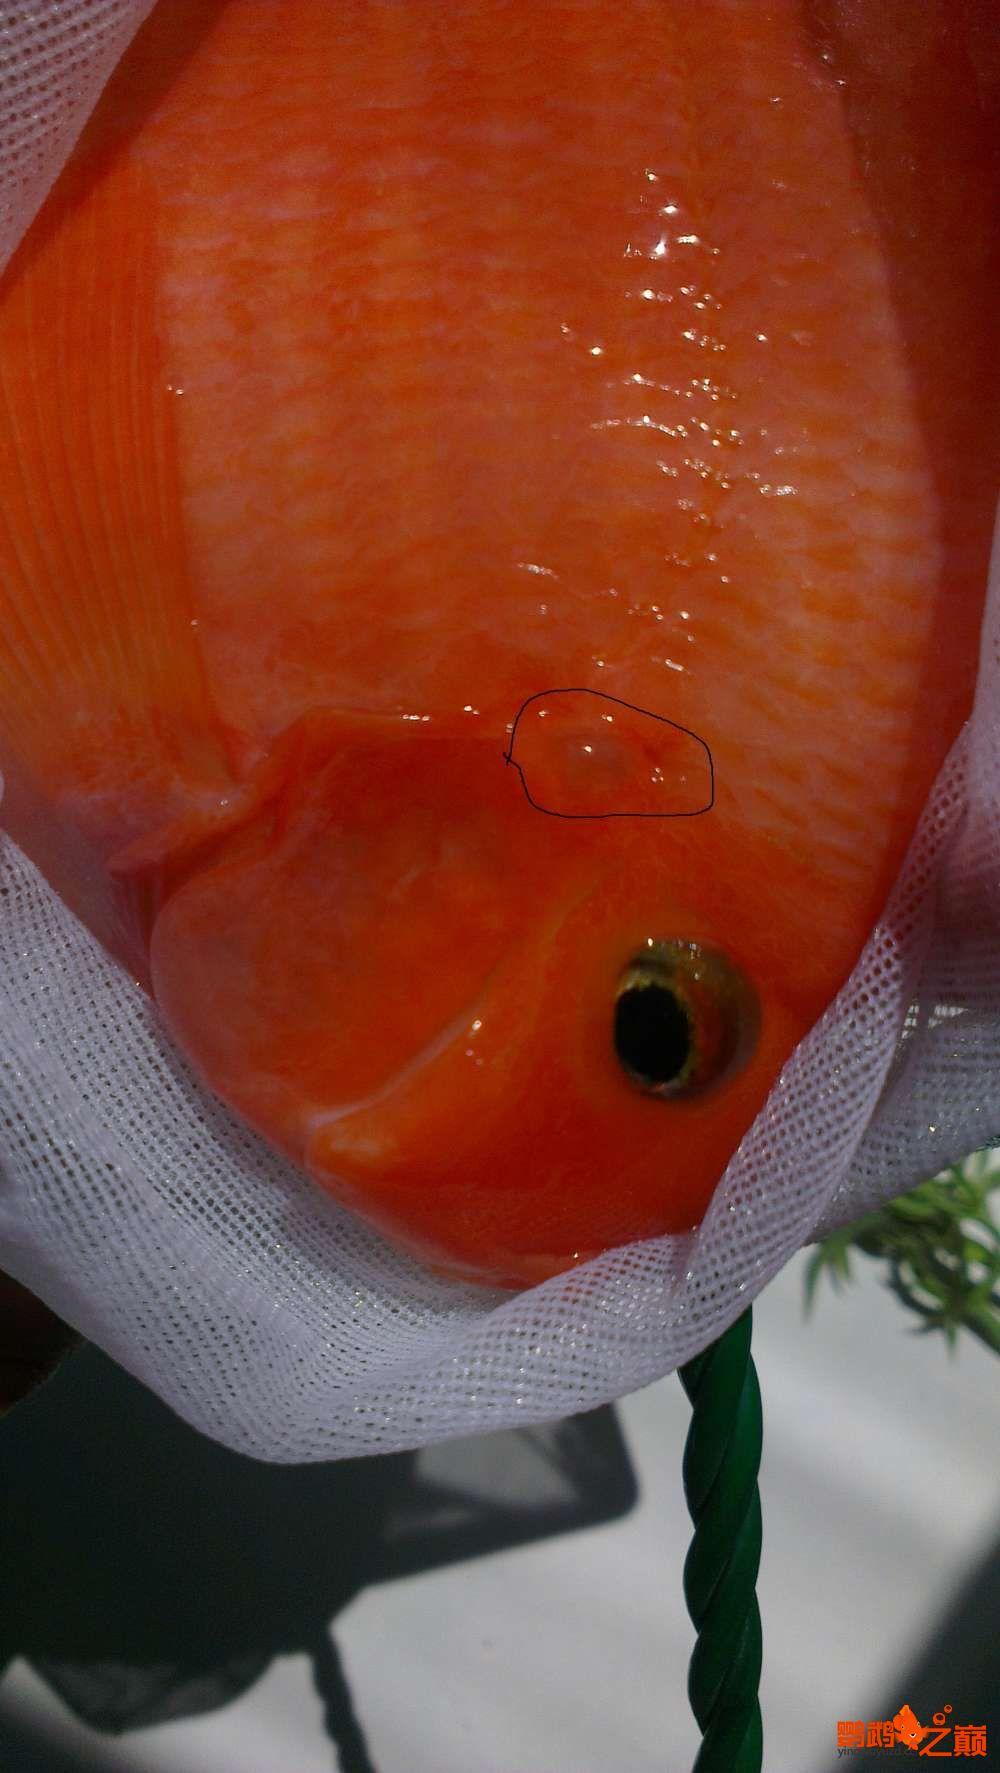 帮看看是头洞病吗? 北京观赏鱼 北京龙鱼第1张